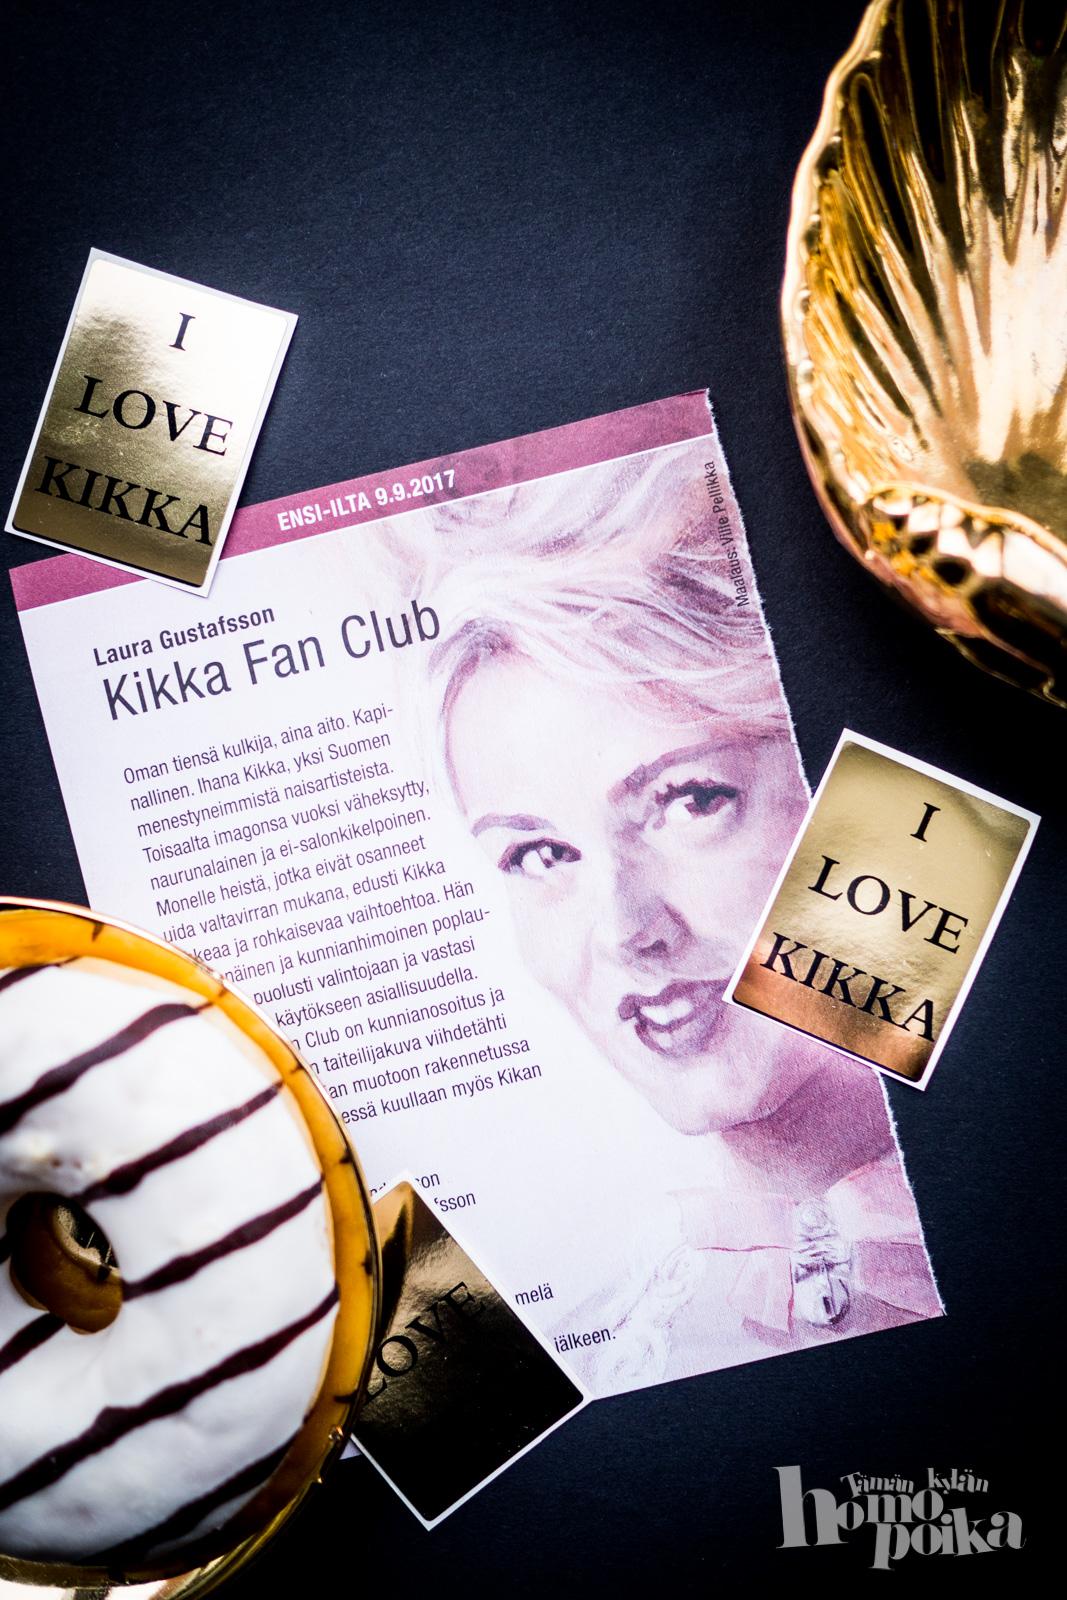 Kikka Fan Club